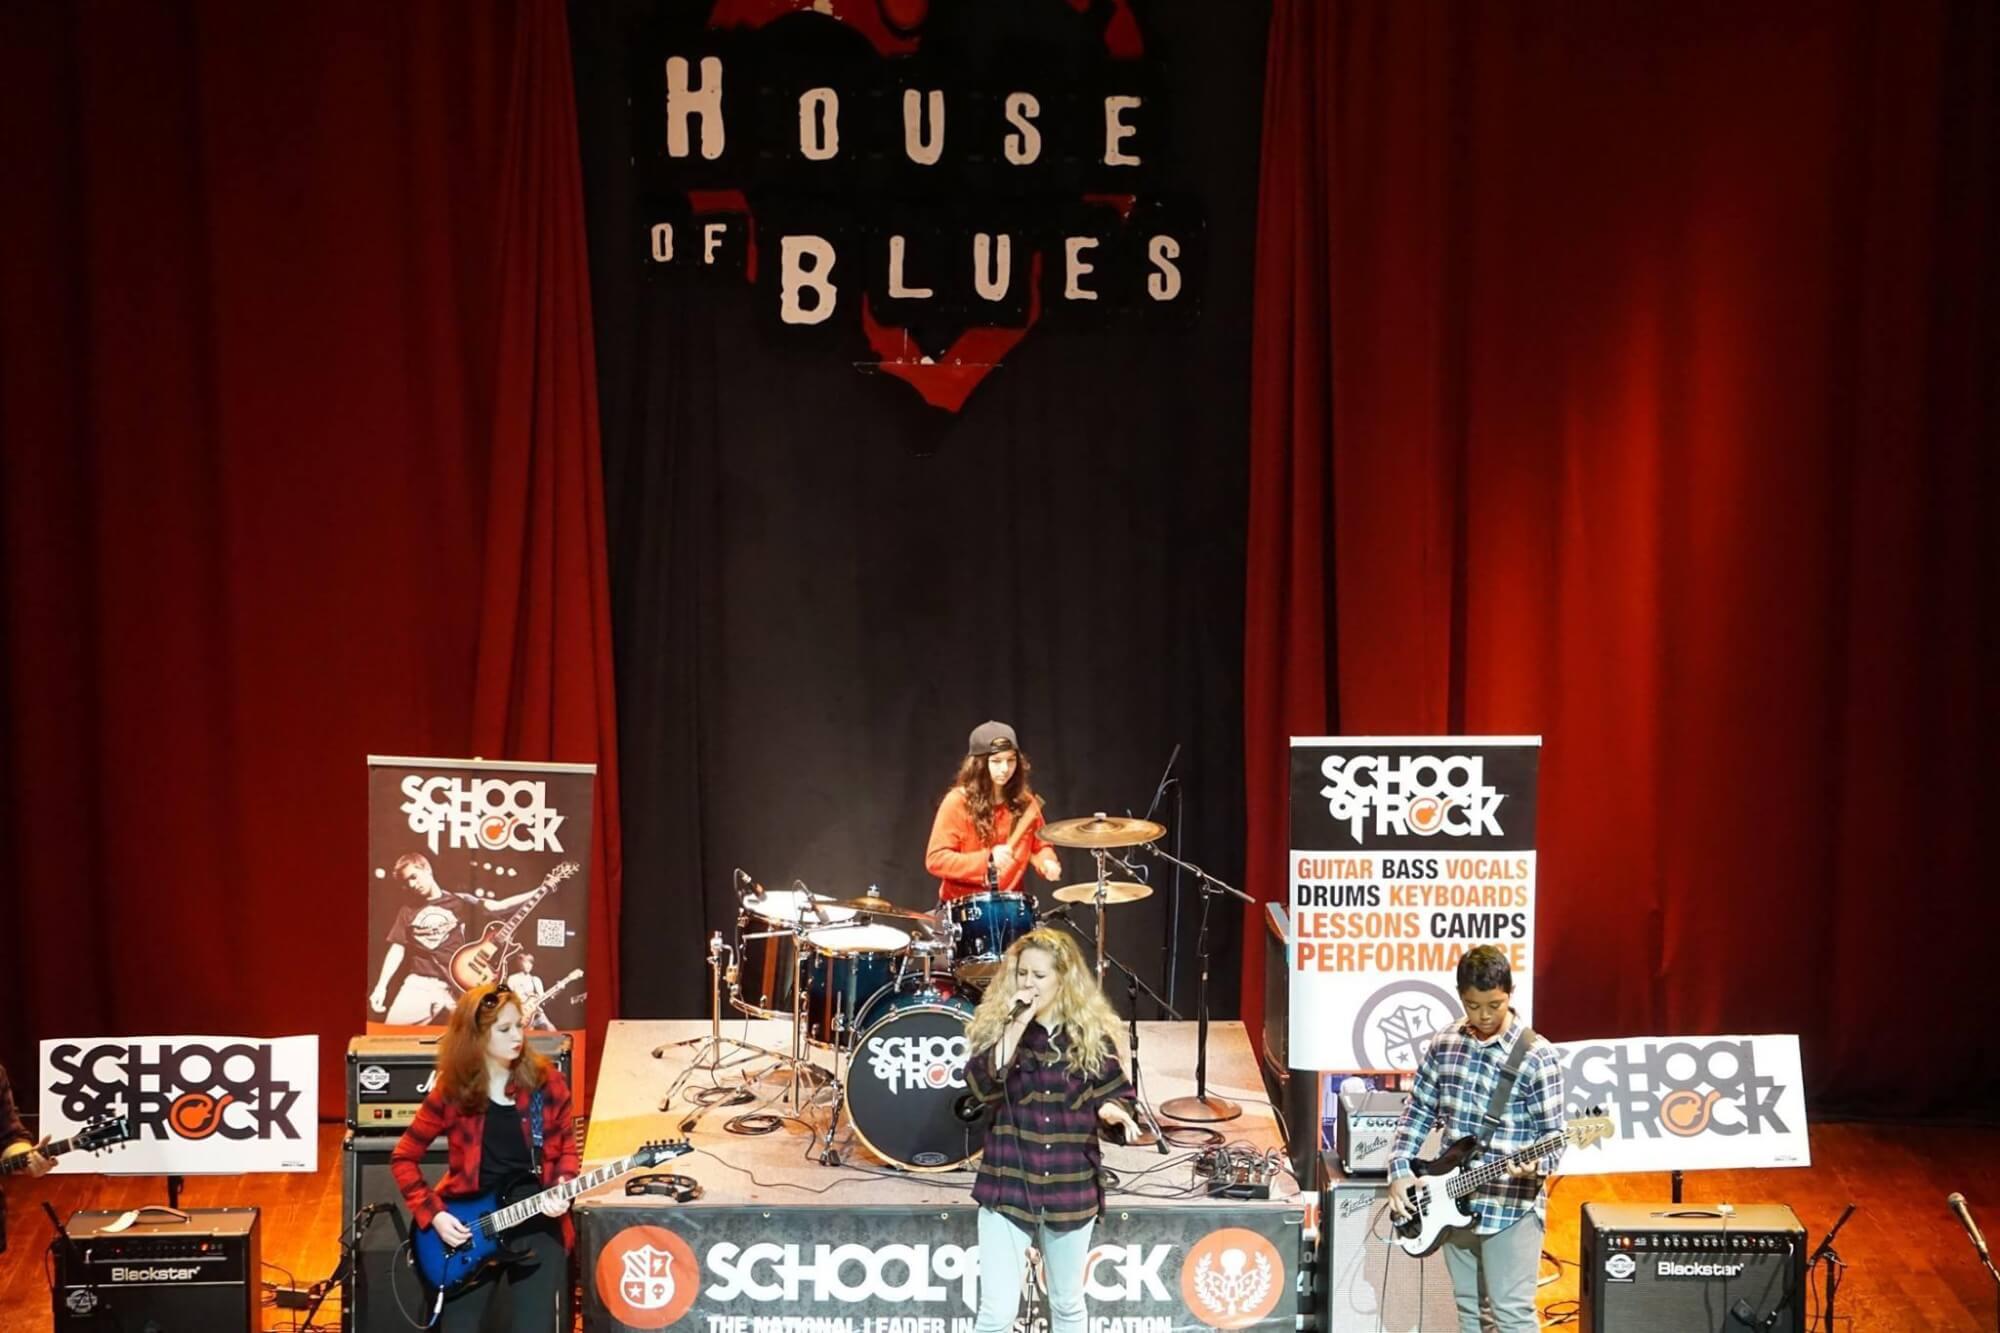 Rockfest 2015 @ House of Blues Dallas